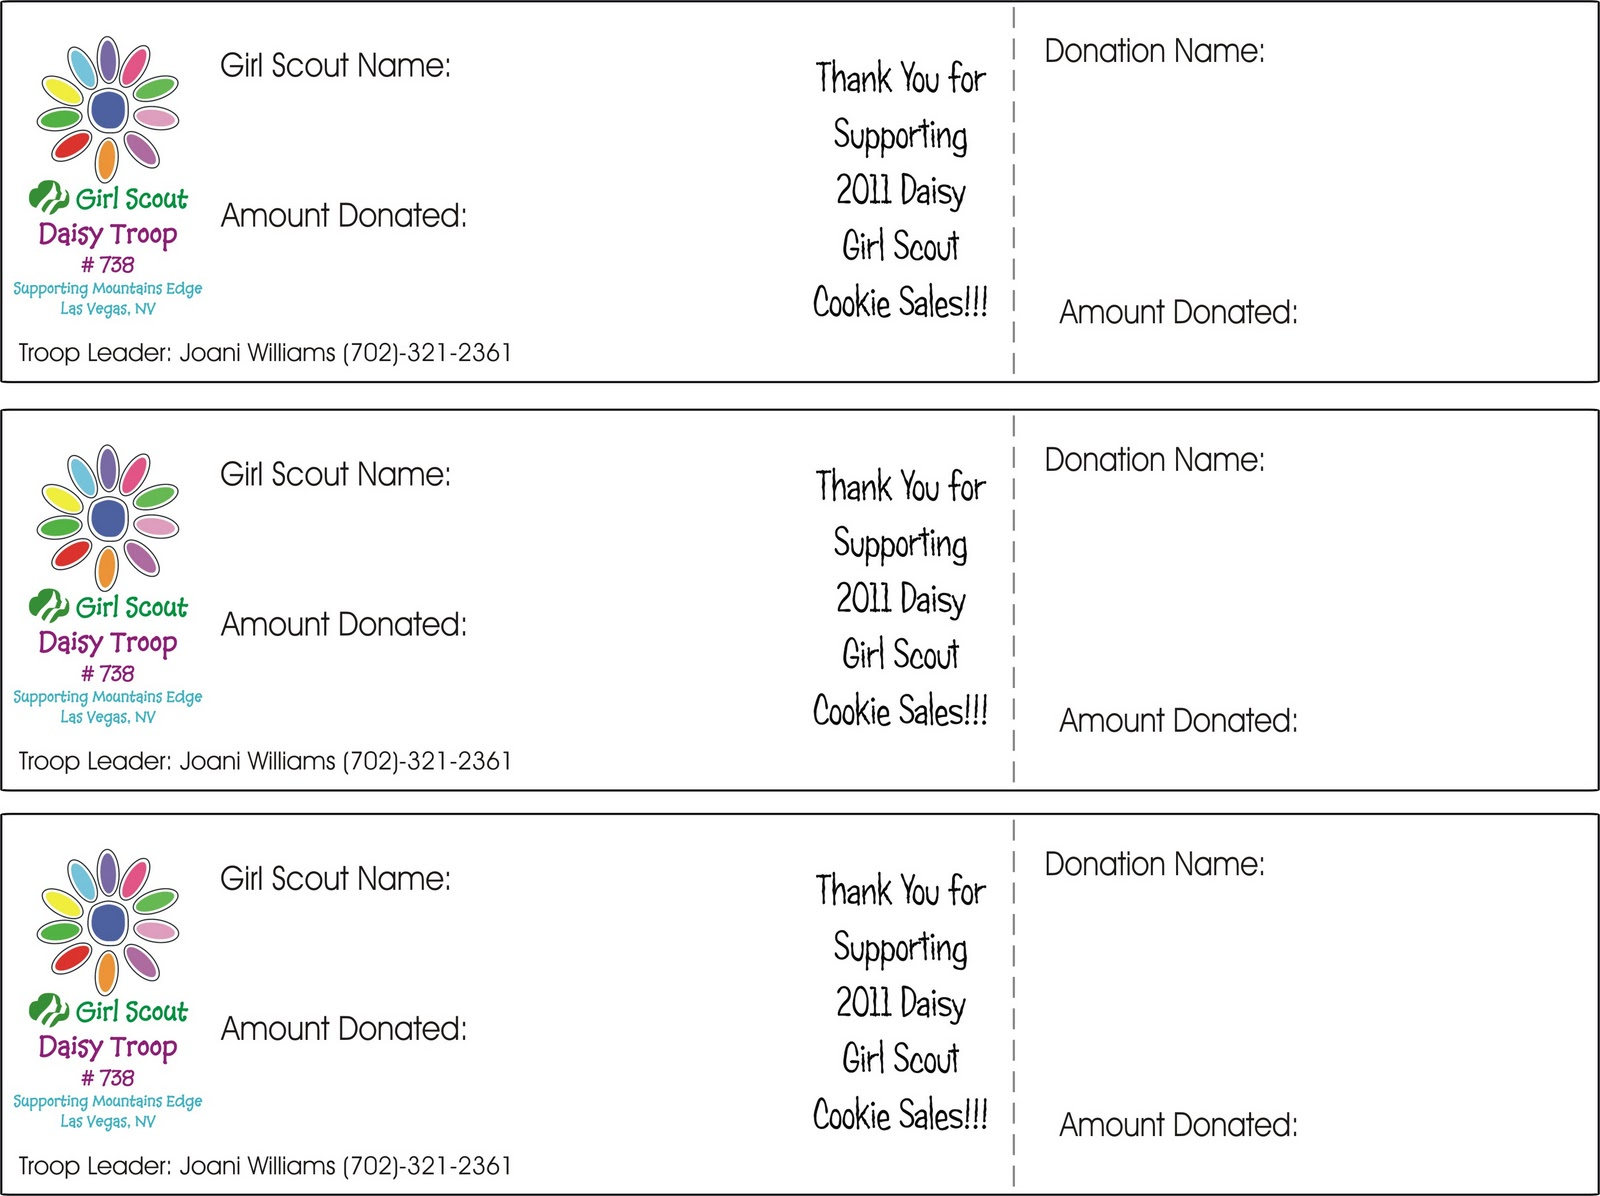 http://4.bp.blogspot.com/_uPcJcqTIVj0/TSOf993c35I/AAAAAAAABBI/j165VOkZ_TM/s1600/donation.jpg